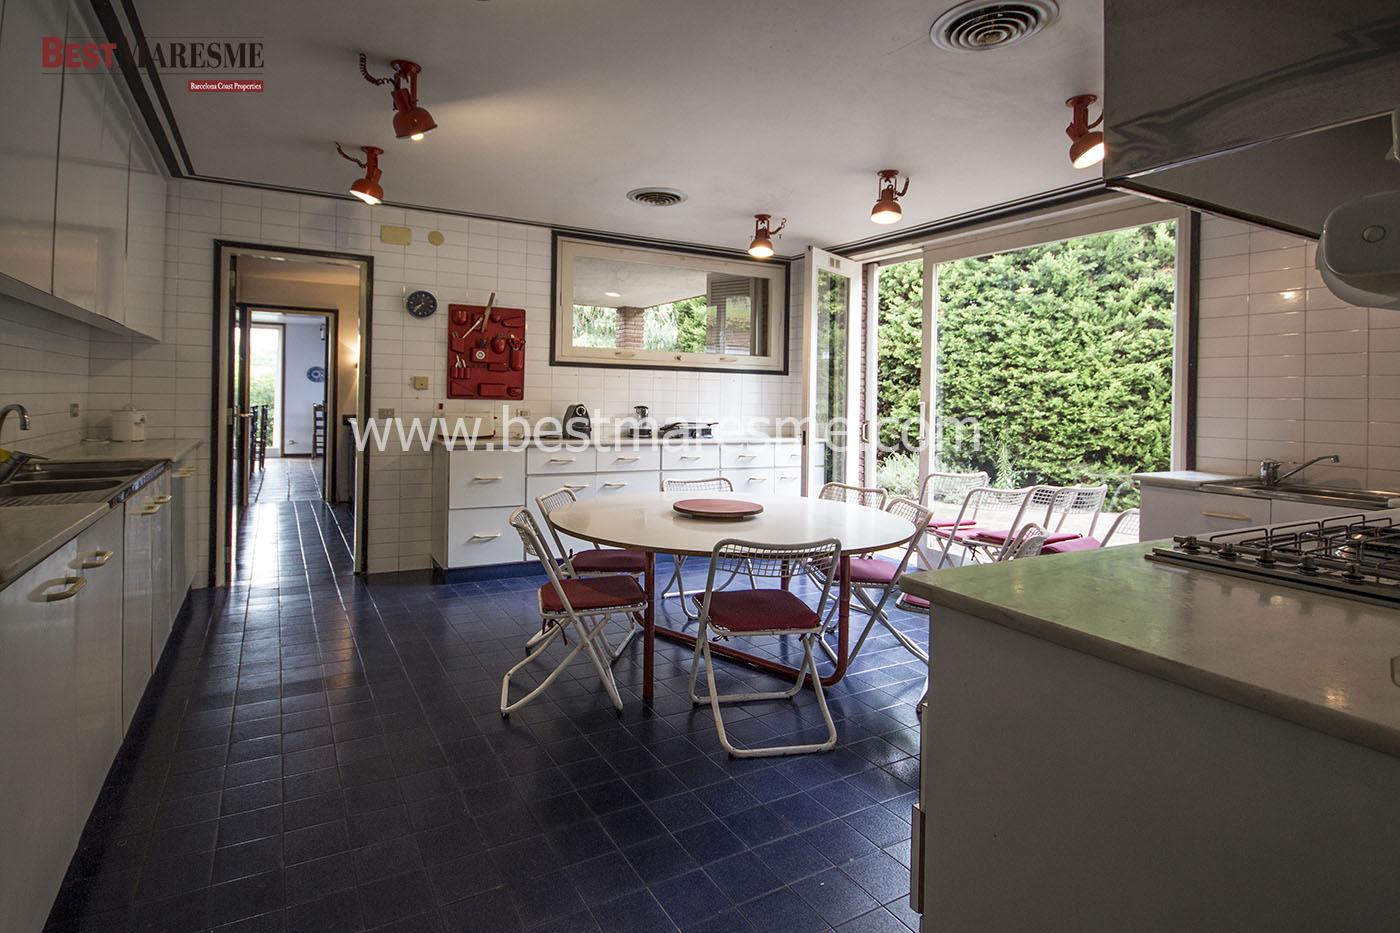 Cocina office con salida a terraza con barbacoa